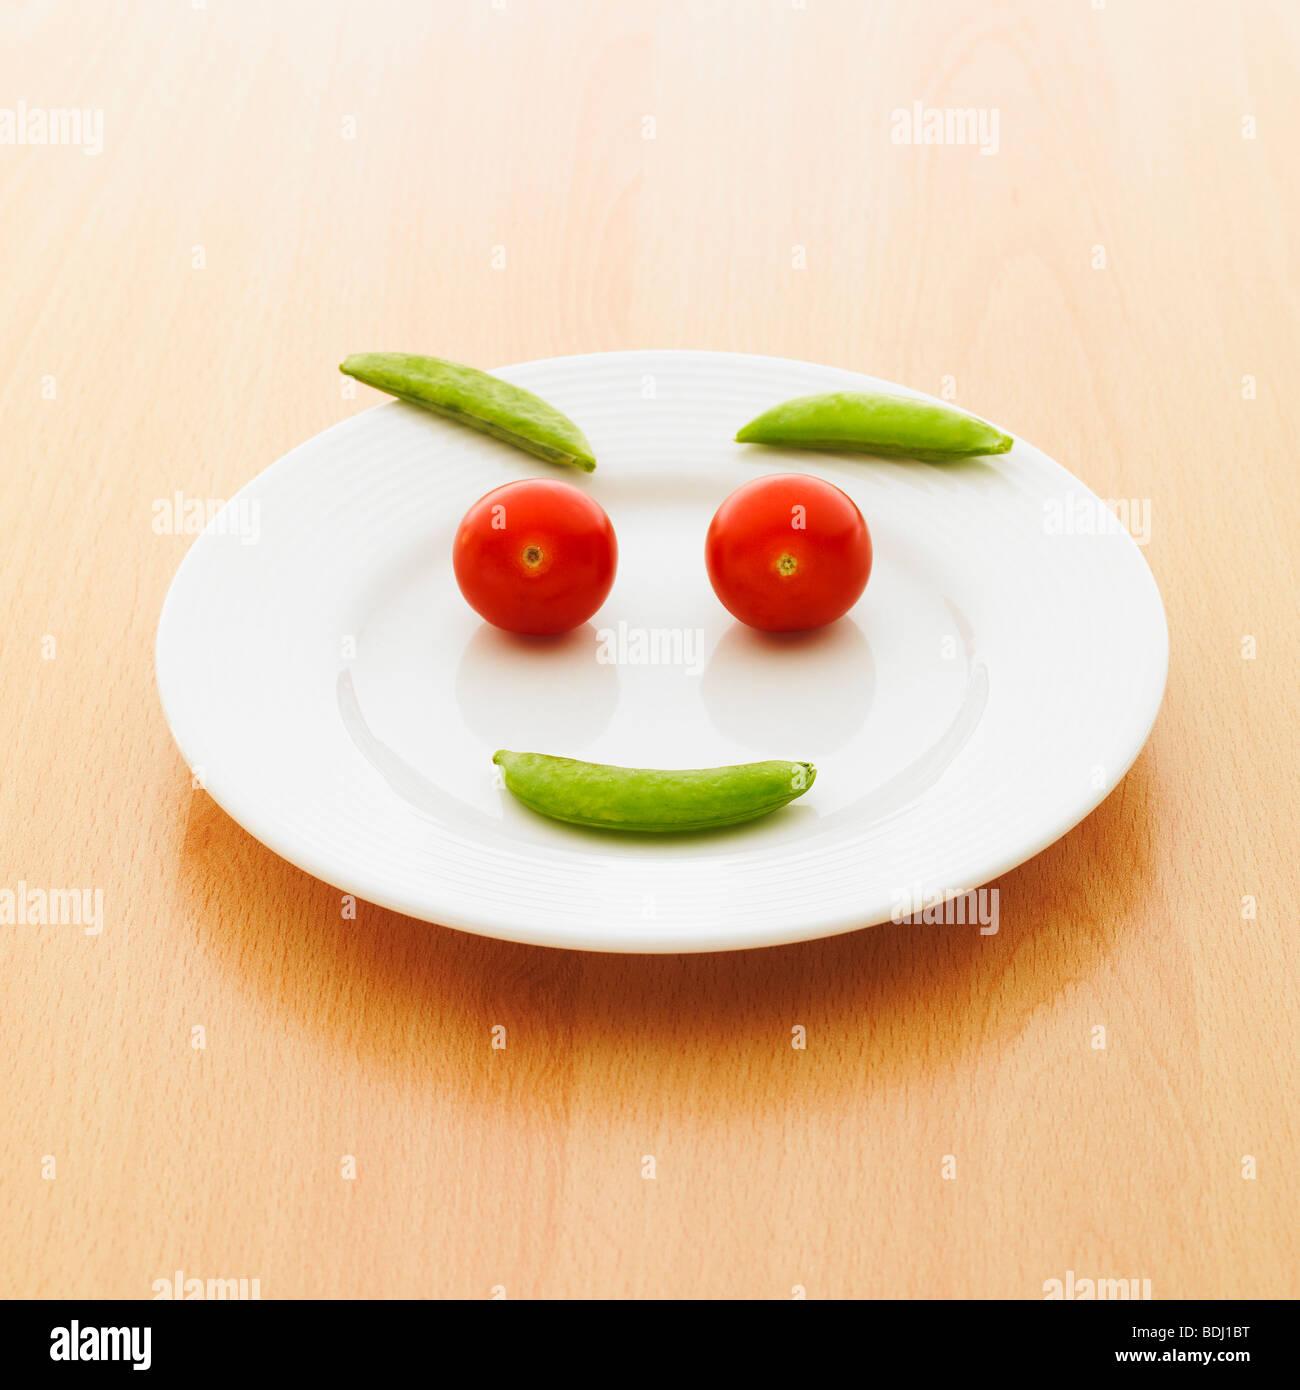 Une assiette de tomates cerises et de pois sugar snap faire un smiley. Photo Stock